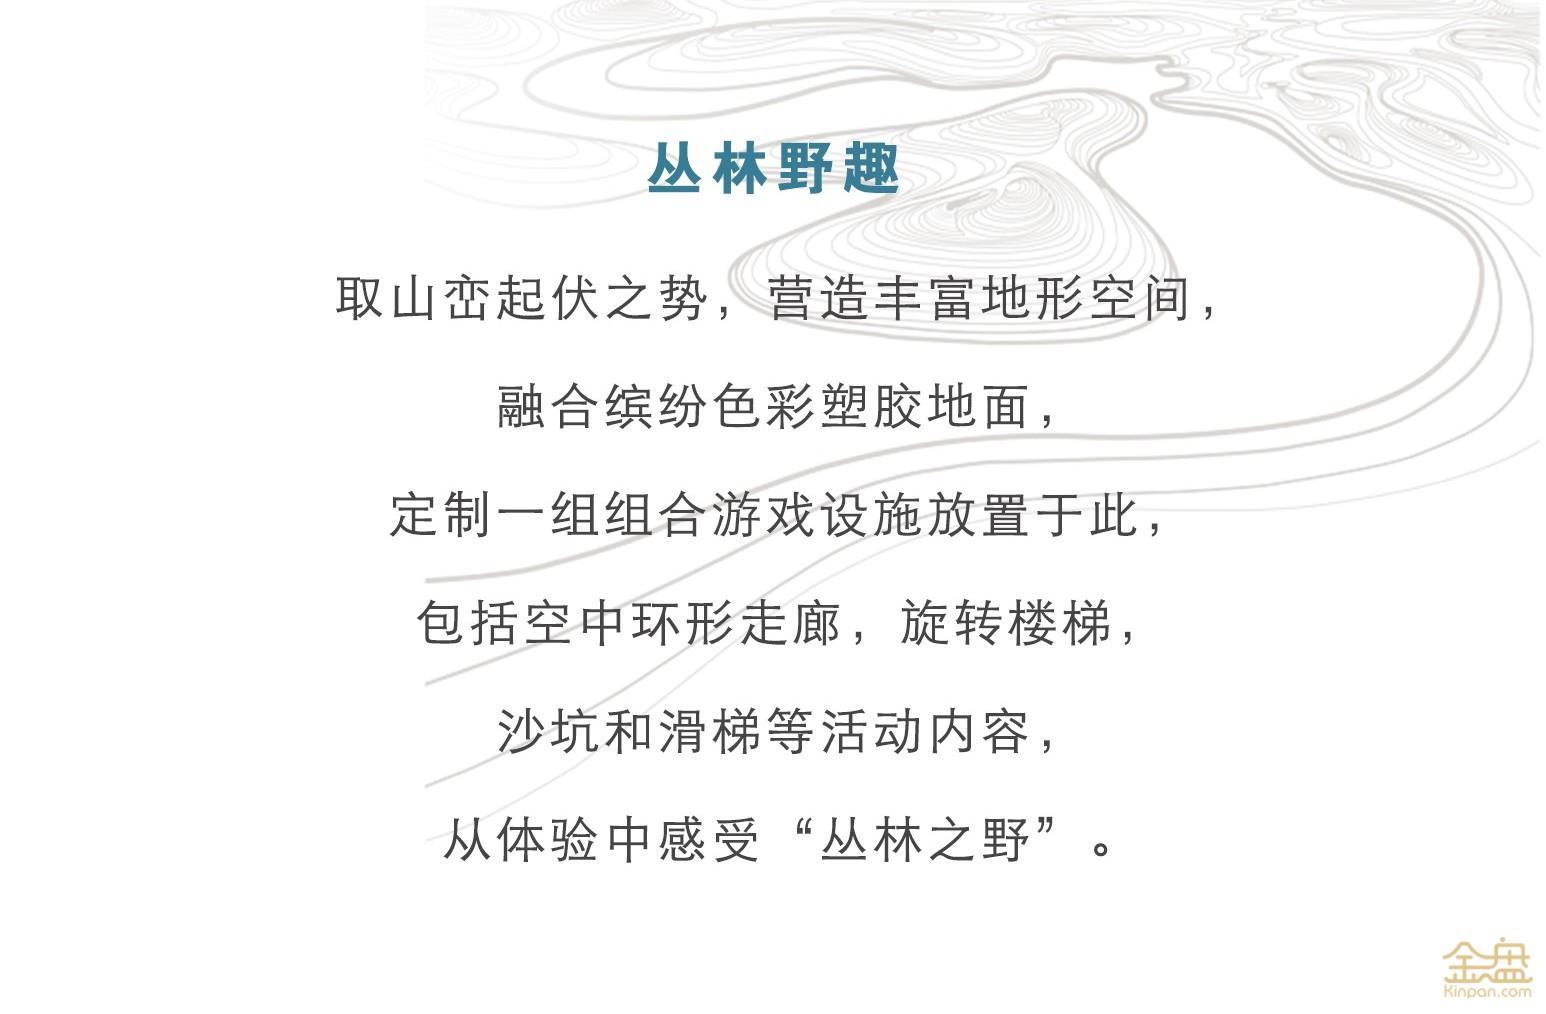 文字7.jpg